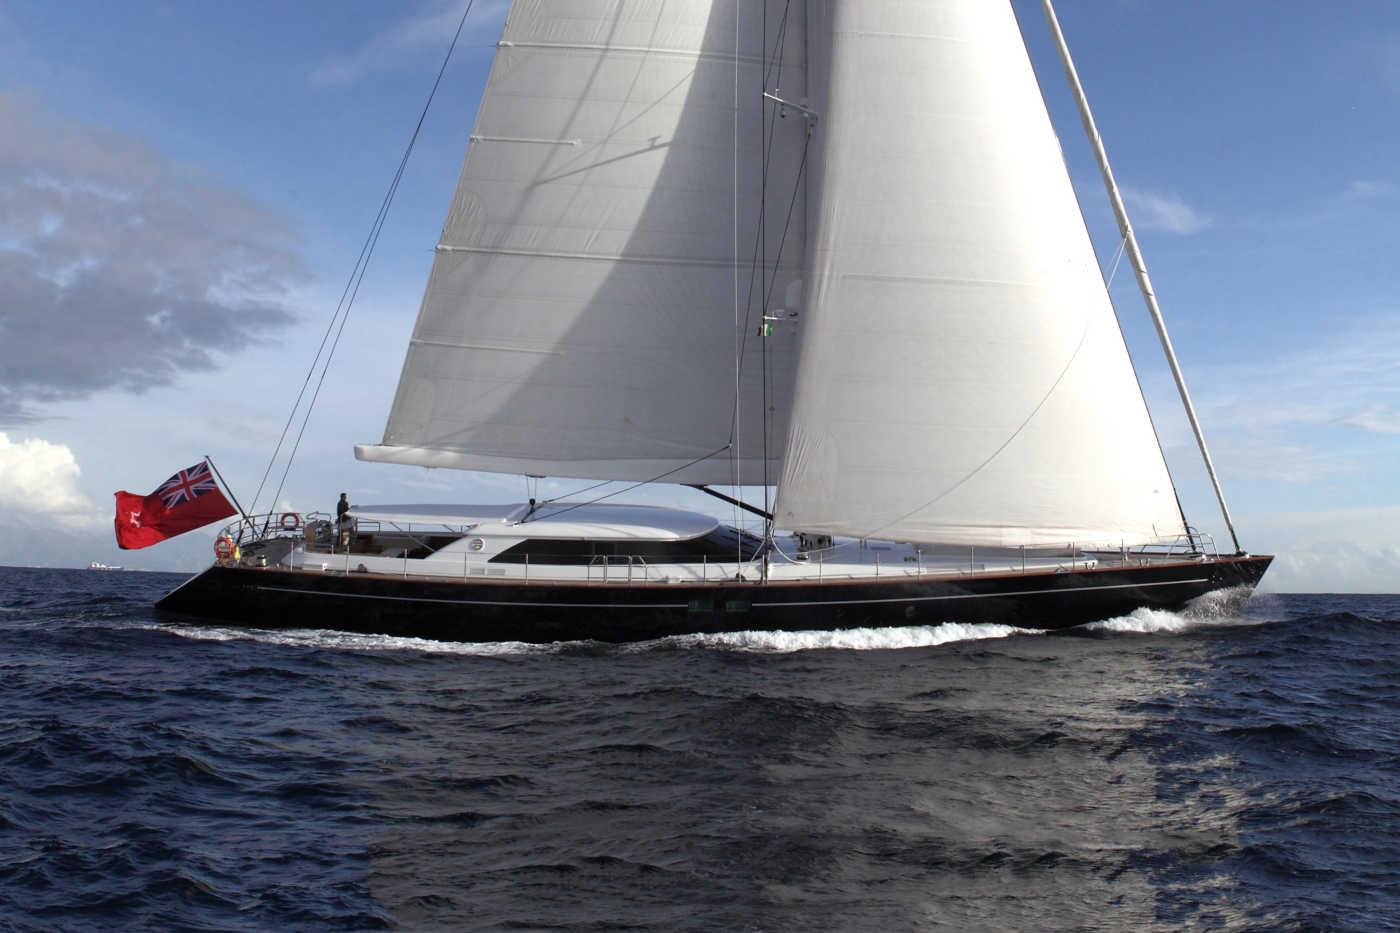 turanor planetsolar mega yacht - photo #34